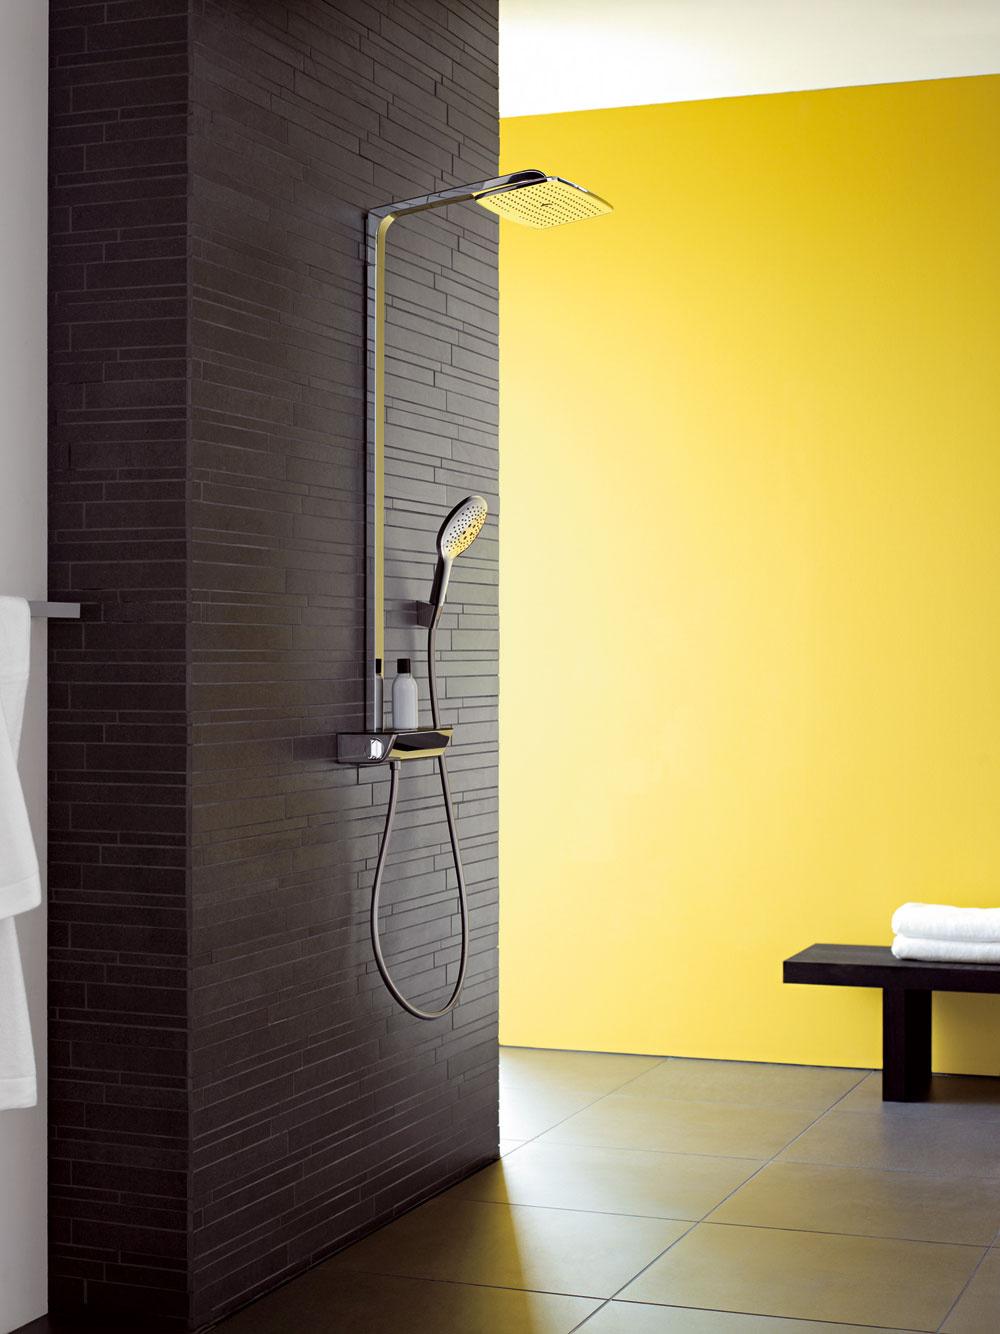 Spoločnosť Hangsrohe vyvinula aj novú koncepciu sprchovej batérie apolice vjednom. Skvelé riešenie do malých kúpeľní, kde sa bojuje okaždý centimeter apolica na stene sprchy by mohla prekážať.